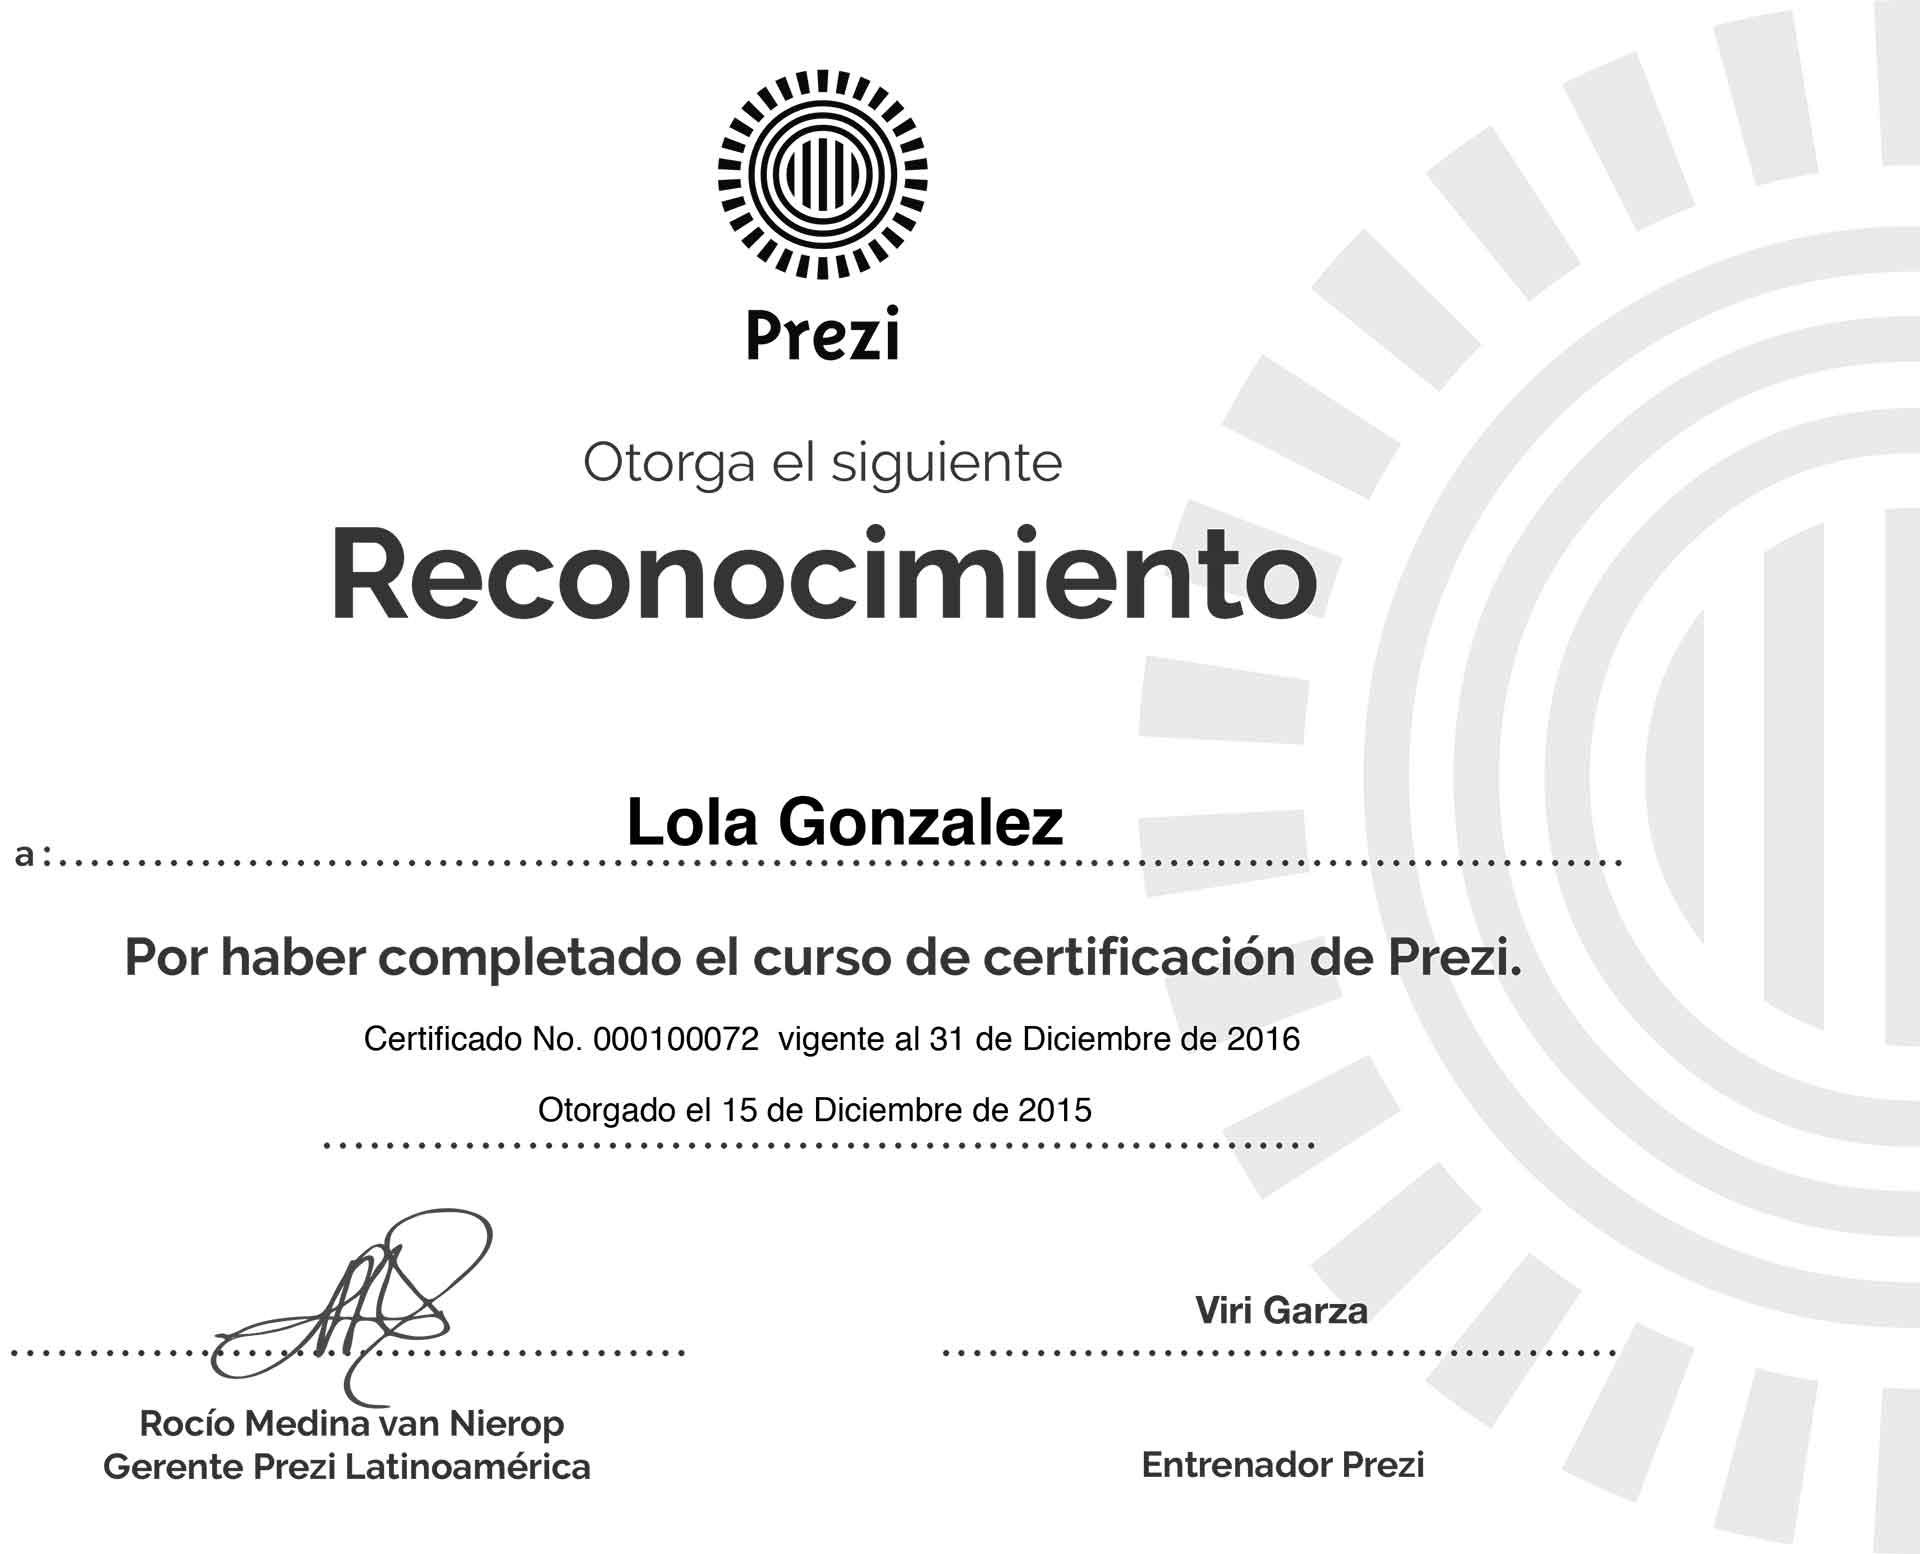 Certificacion_Prezi_LolaGonzalez